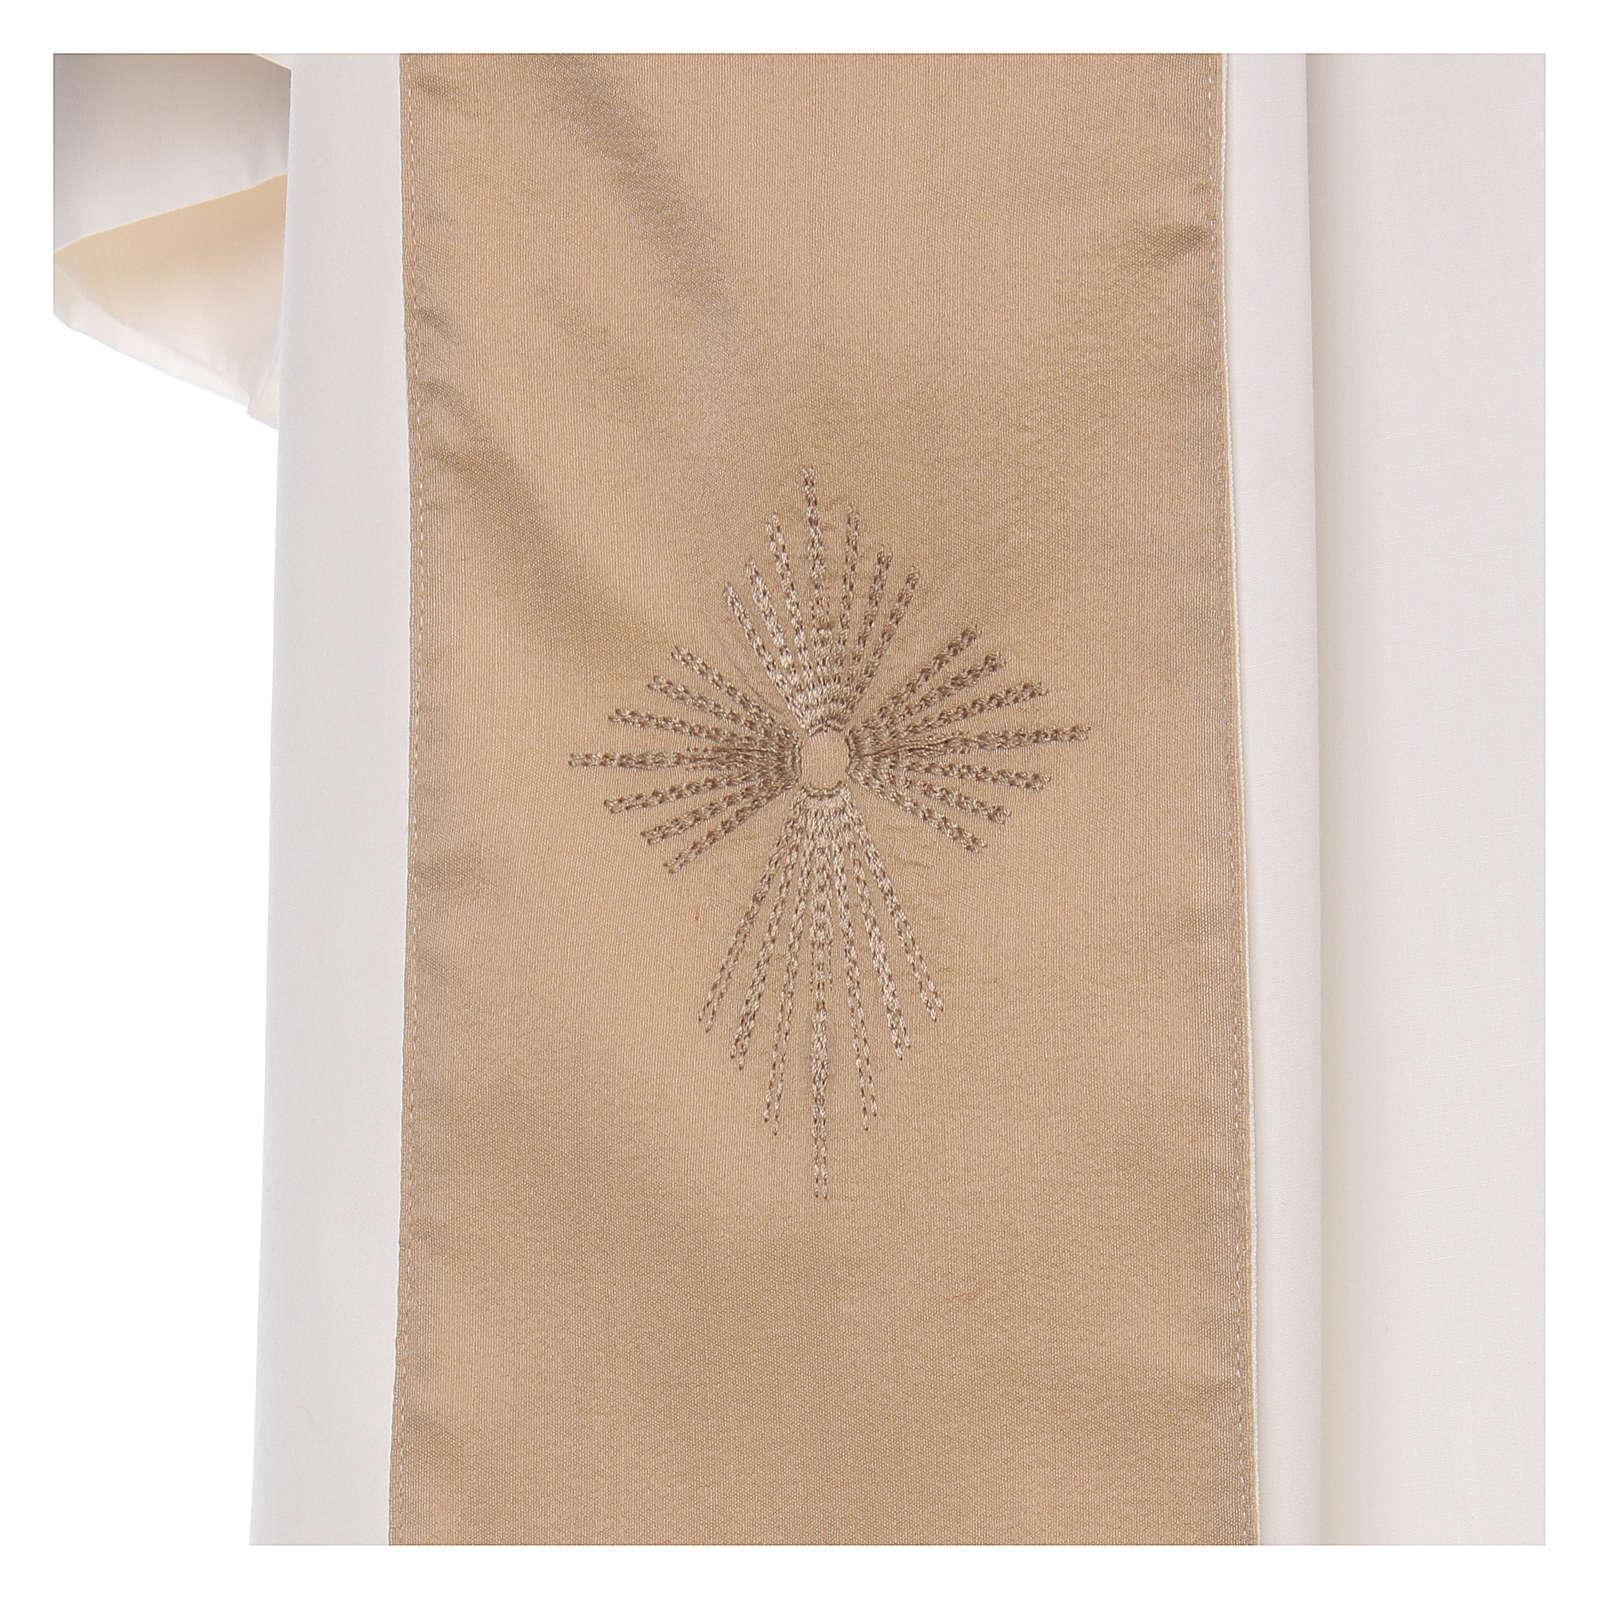 STOCK Casulla degradada lana seda muy liviana cruz bordada 4